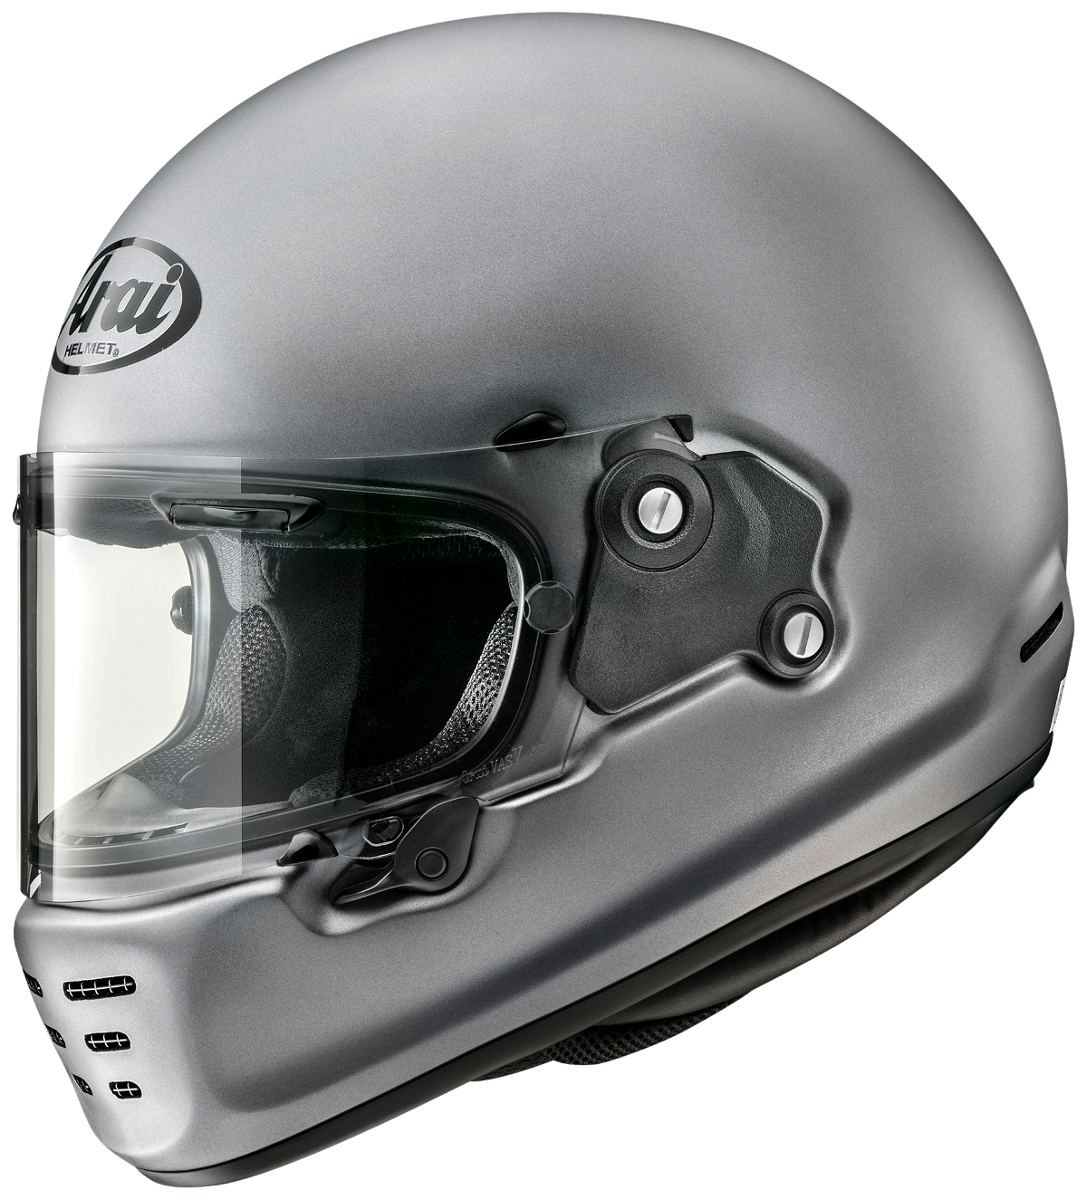 ARAI アライ フルフェイスヘルメット RAPIDE NEO プラチナグレーフラット (ラパイド ネオ) Mサイズ 57-58cm